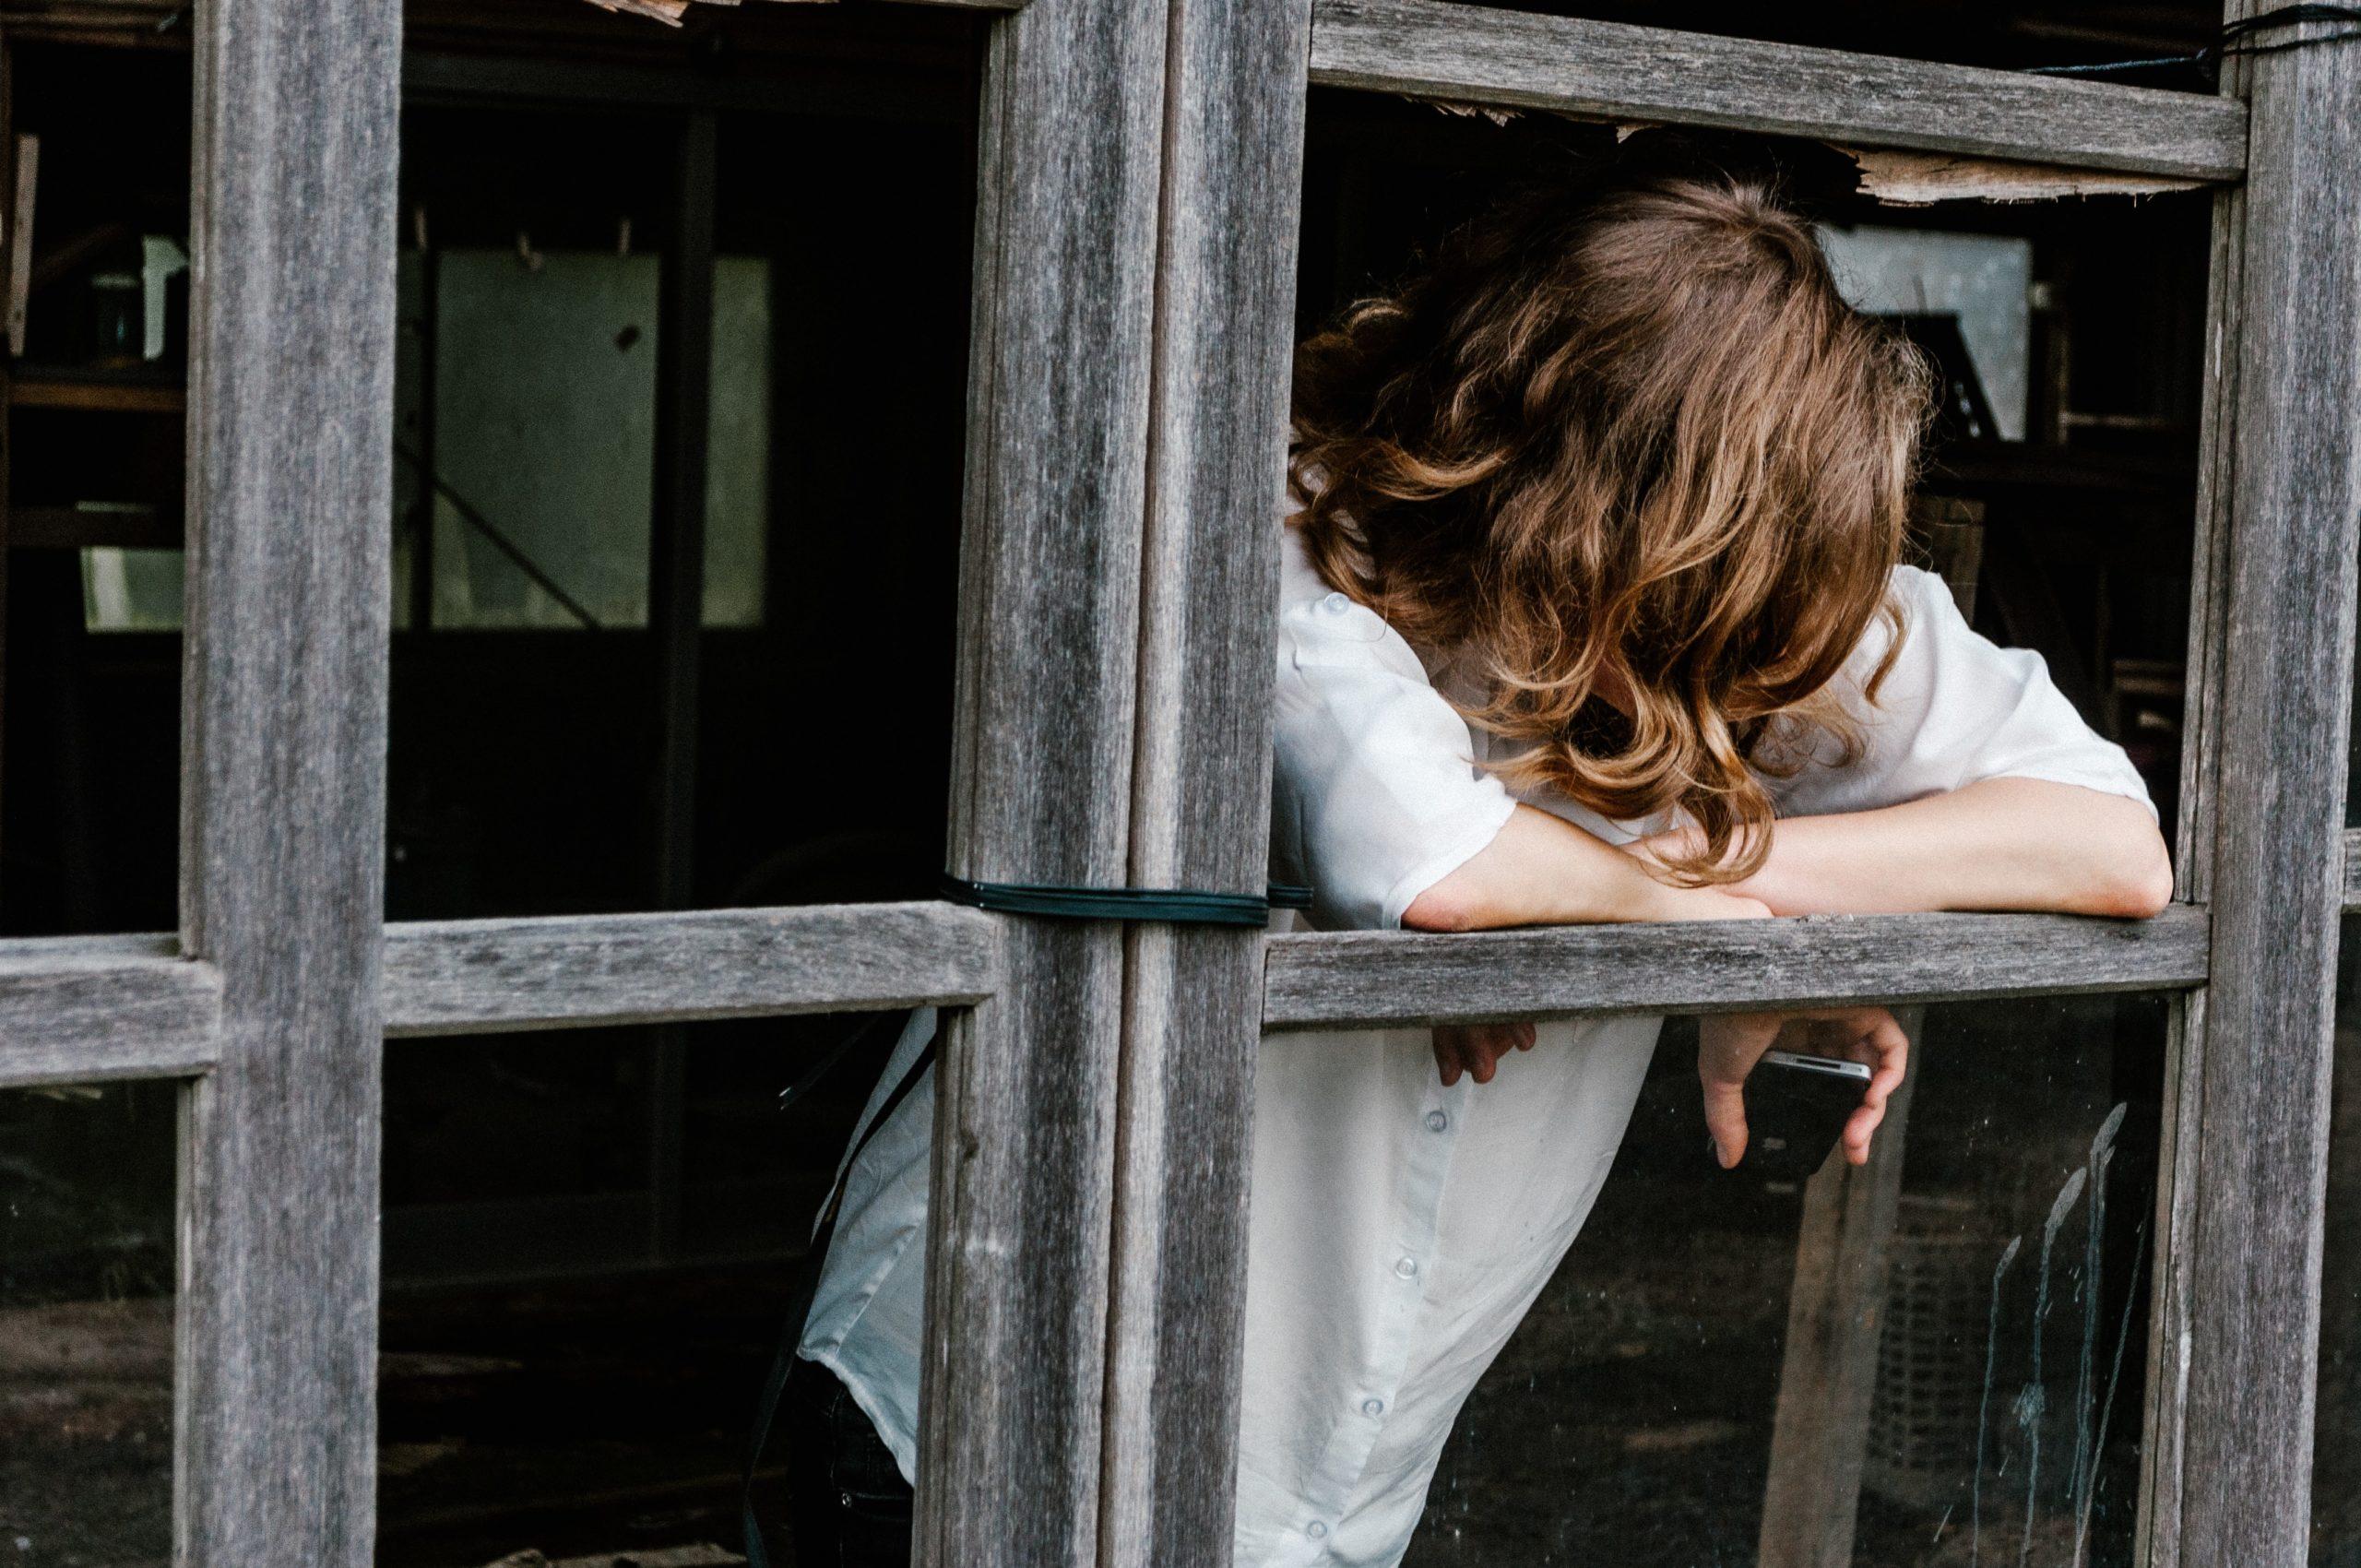 Kvinne ser ut av vinduet, håpløshet, angst.